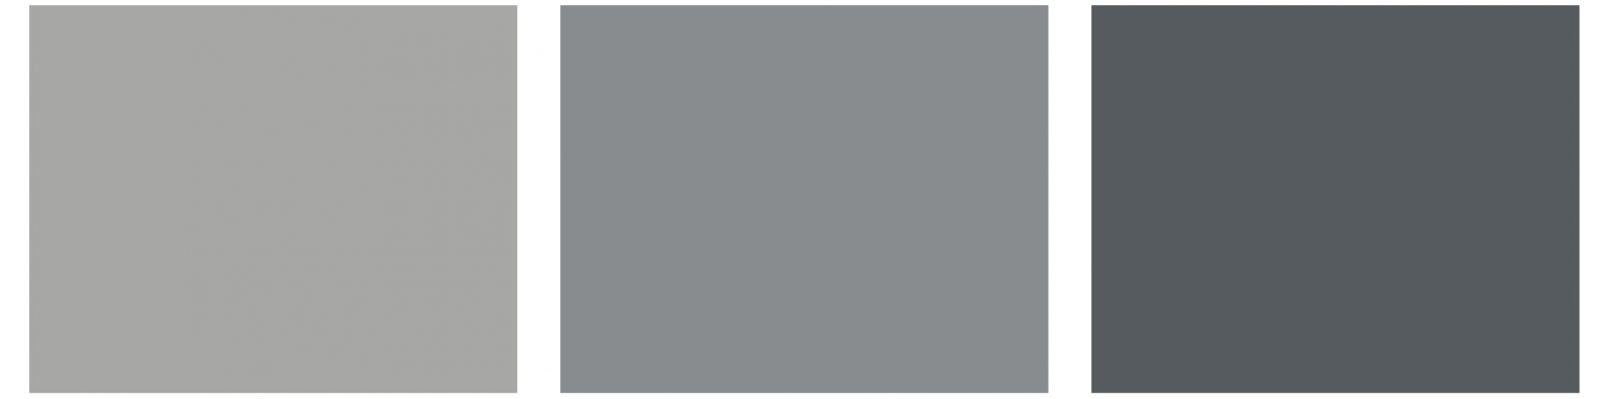 Gama gris negro elegancia intemporal con les couleurs le for Gama de grises pintura